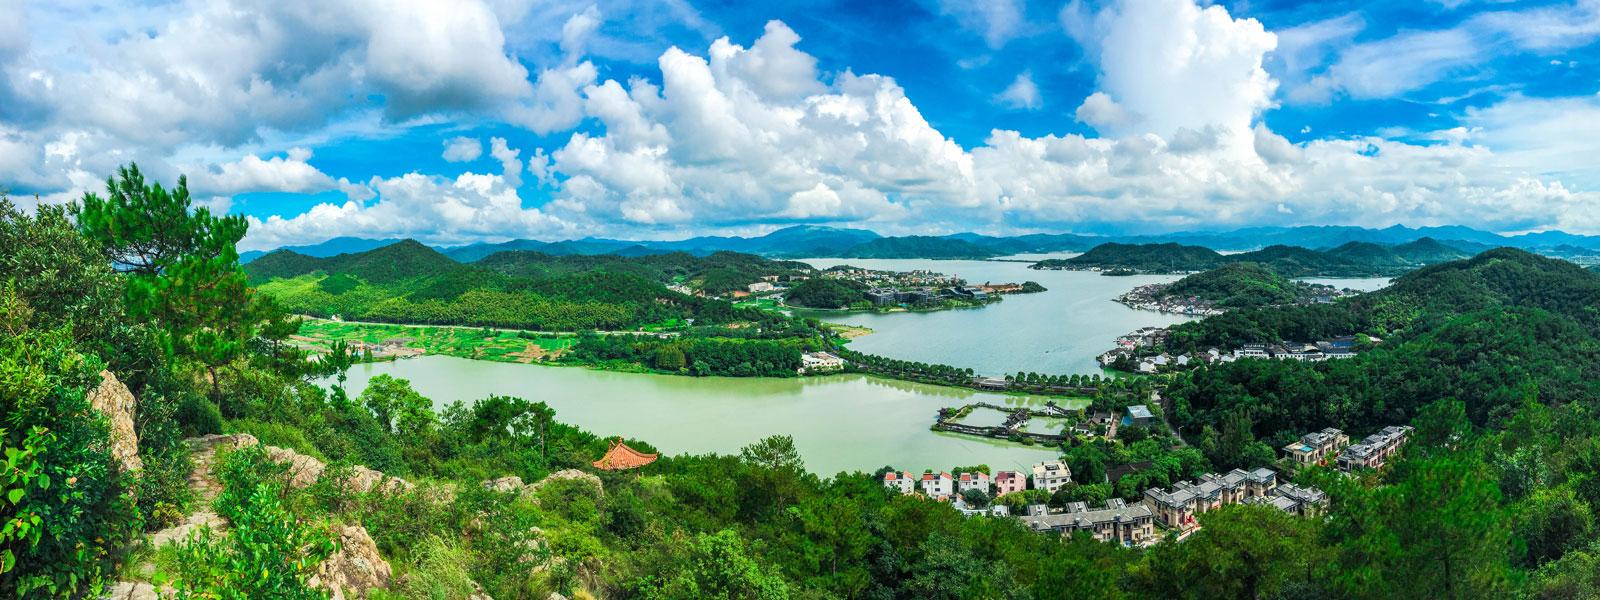 浙江宁波东钱湖IC47013510464.jpg